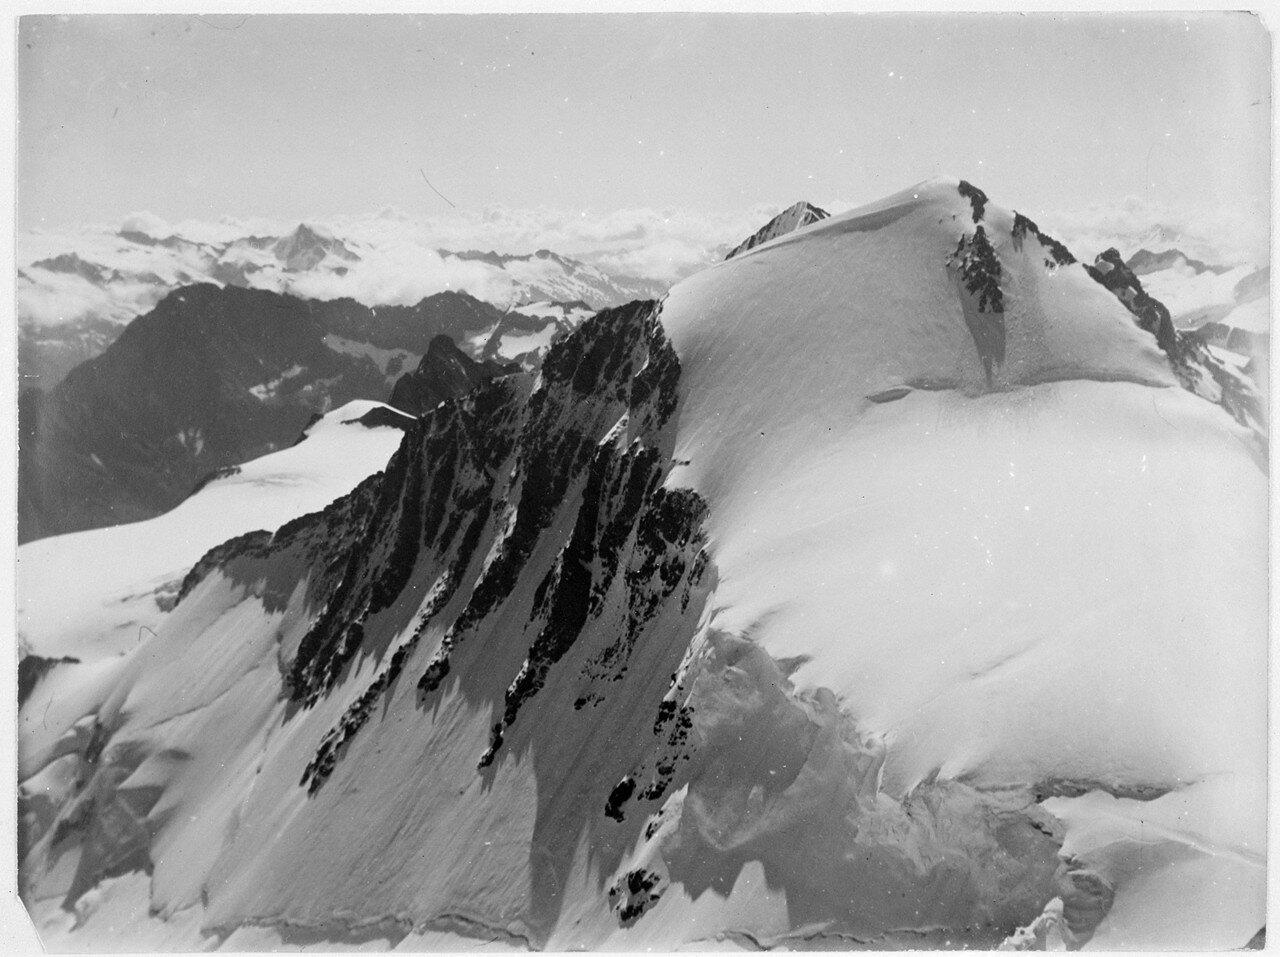 23 августа. Группа II. Дых-тау (5058 м). Первое восхождение по южному хребту Дых-тау. Вид с юга во время спуска с Дых-тау по северному хребту